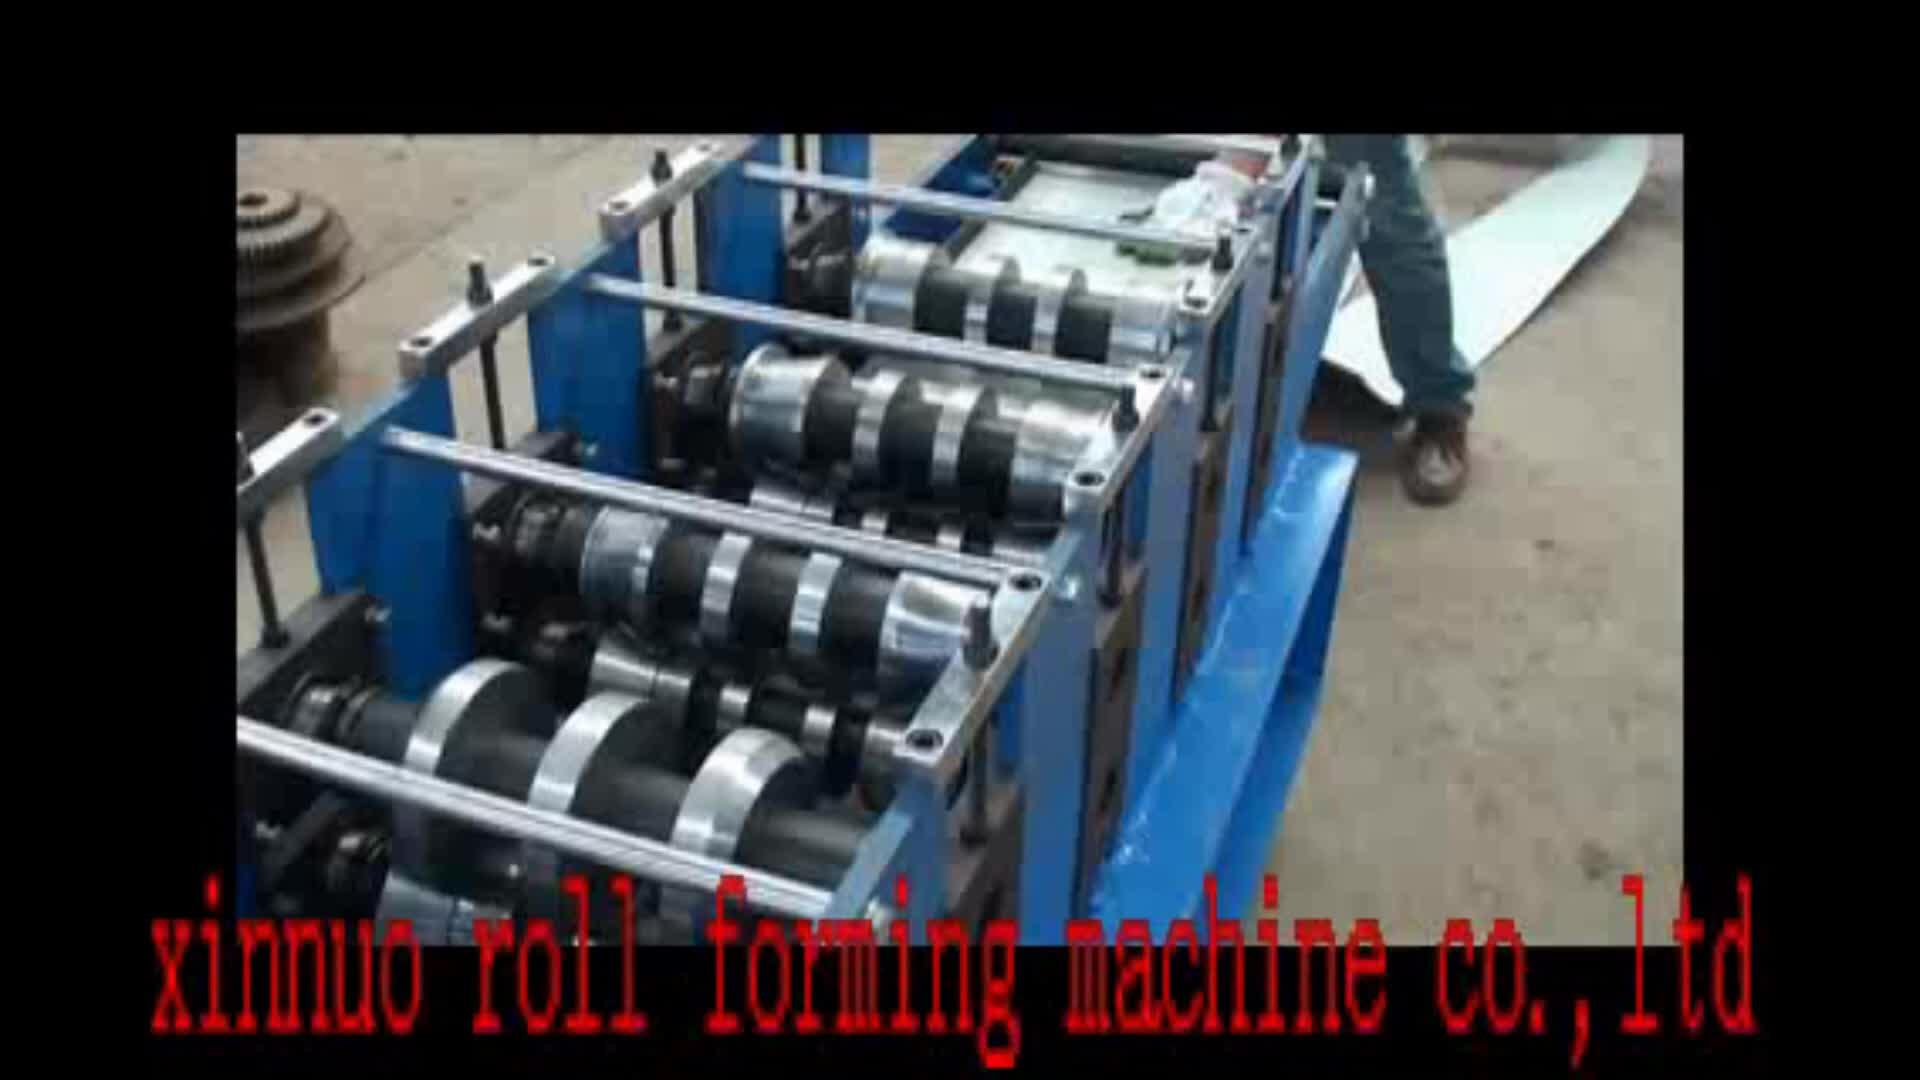 कोल्ड रोलिंग पाइप वर्ग Downpipe कोहनी बनाने की मशीन